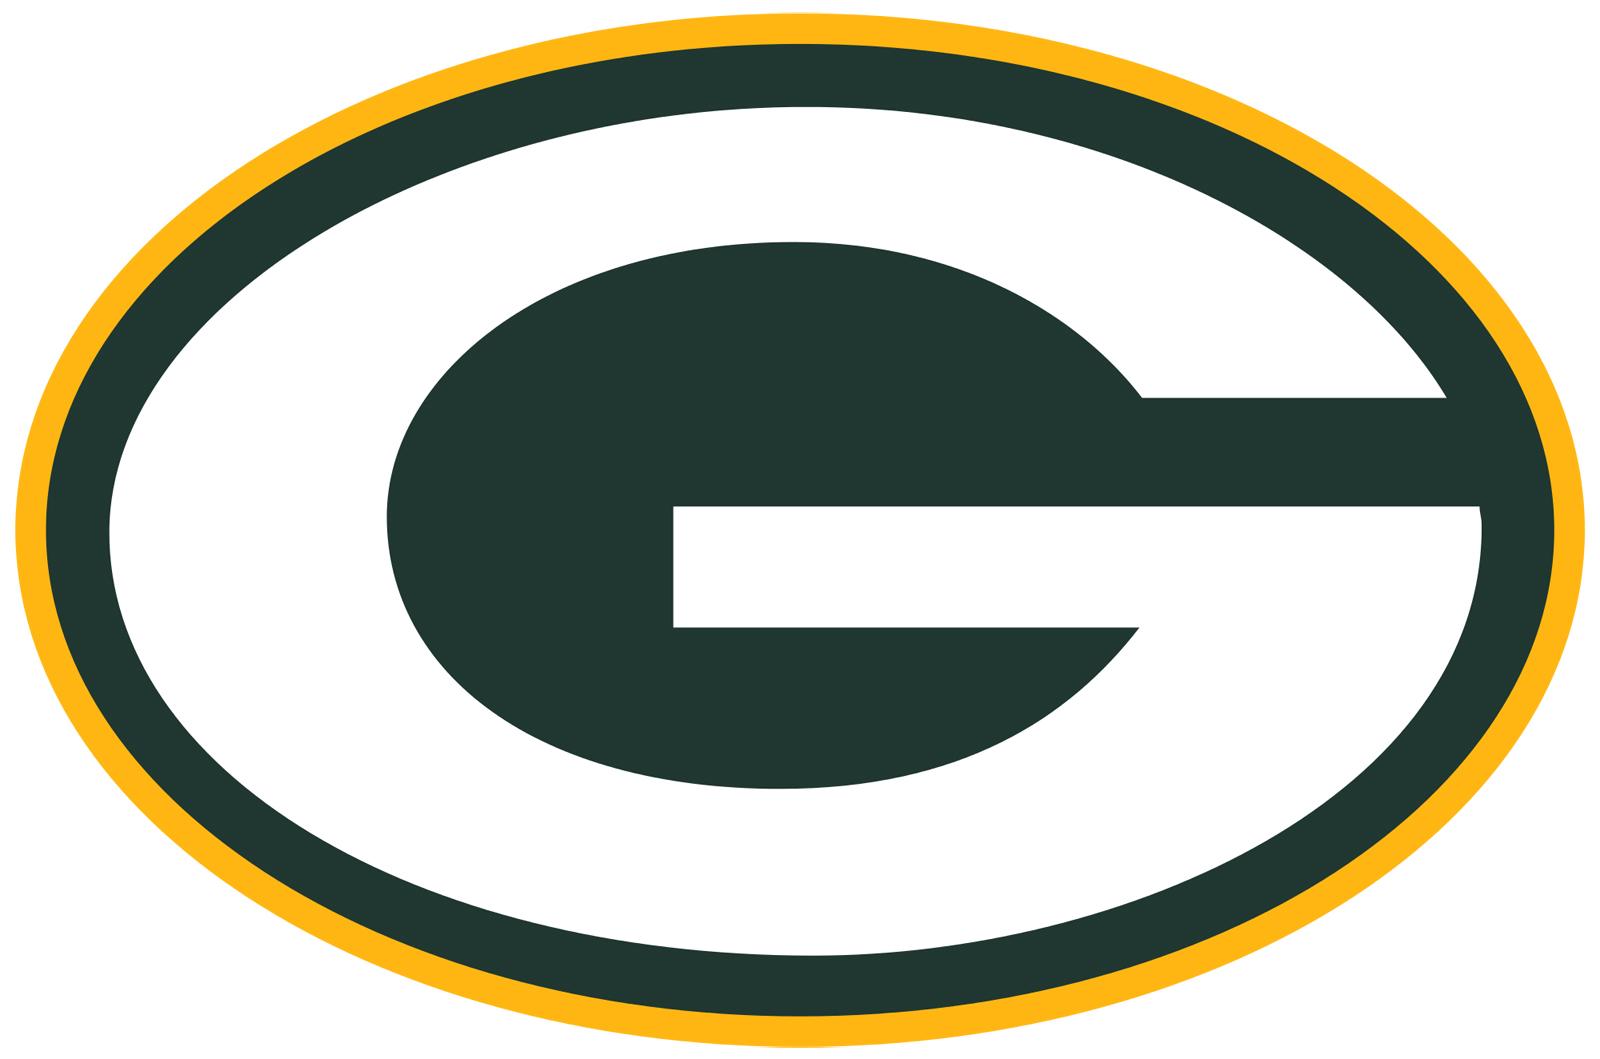 Green bay packers helmet Logos